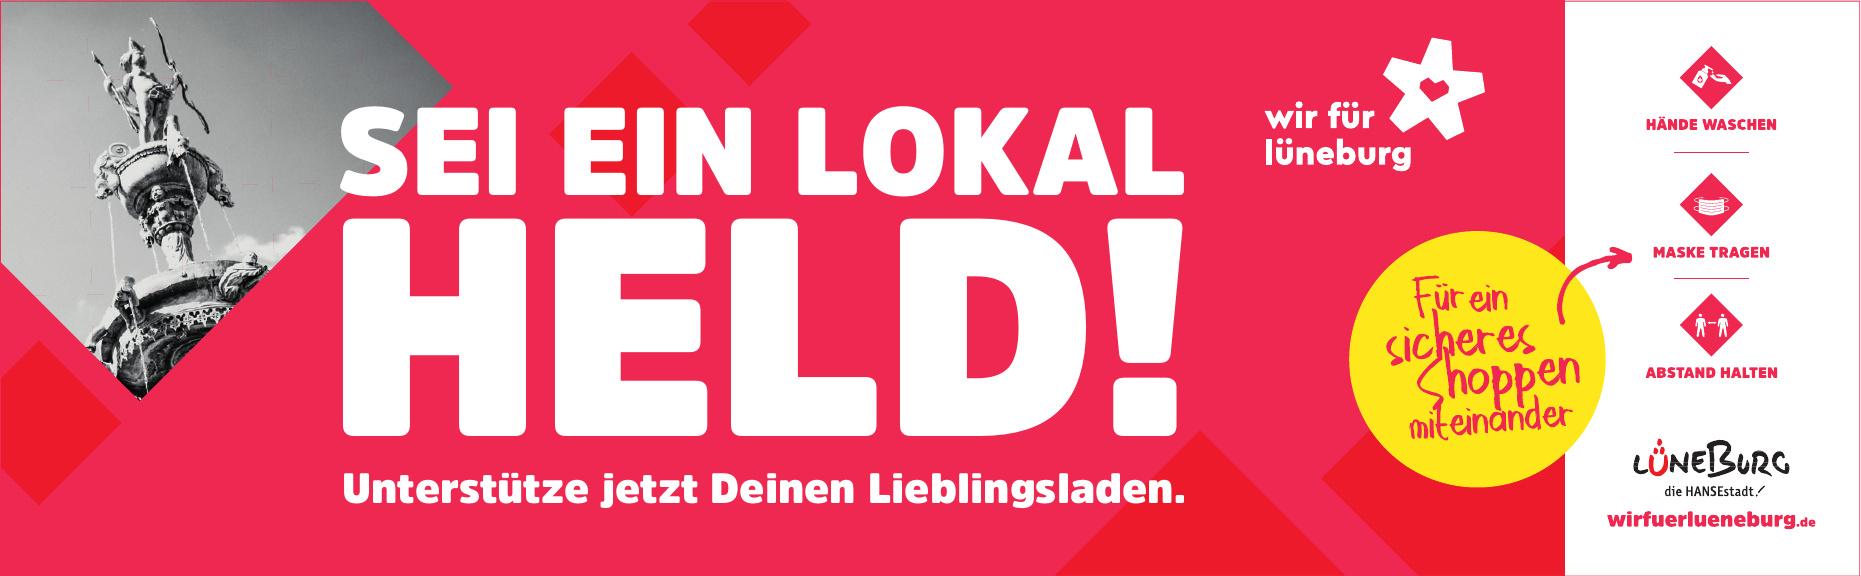 Wir für Lüneburg